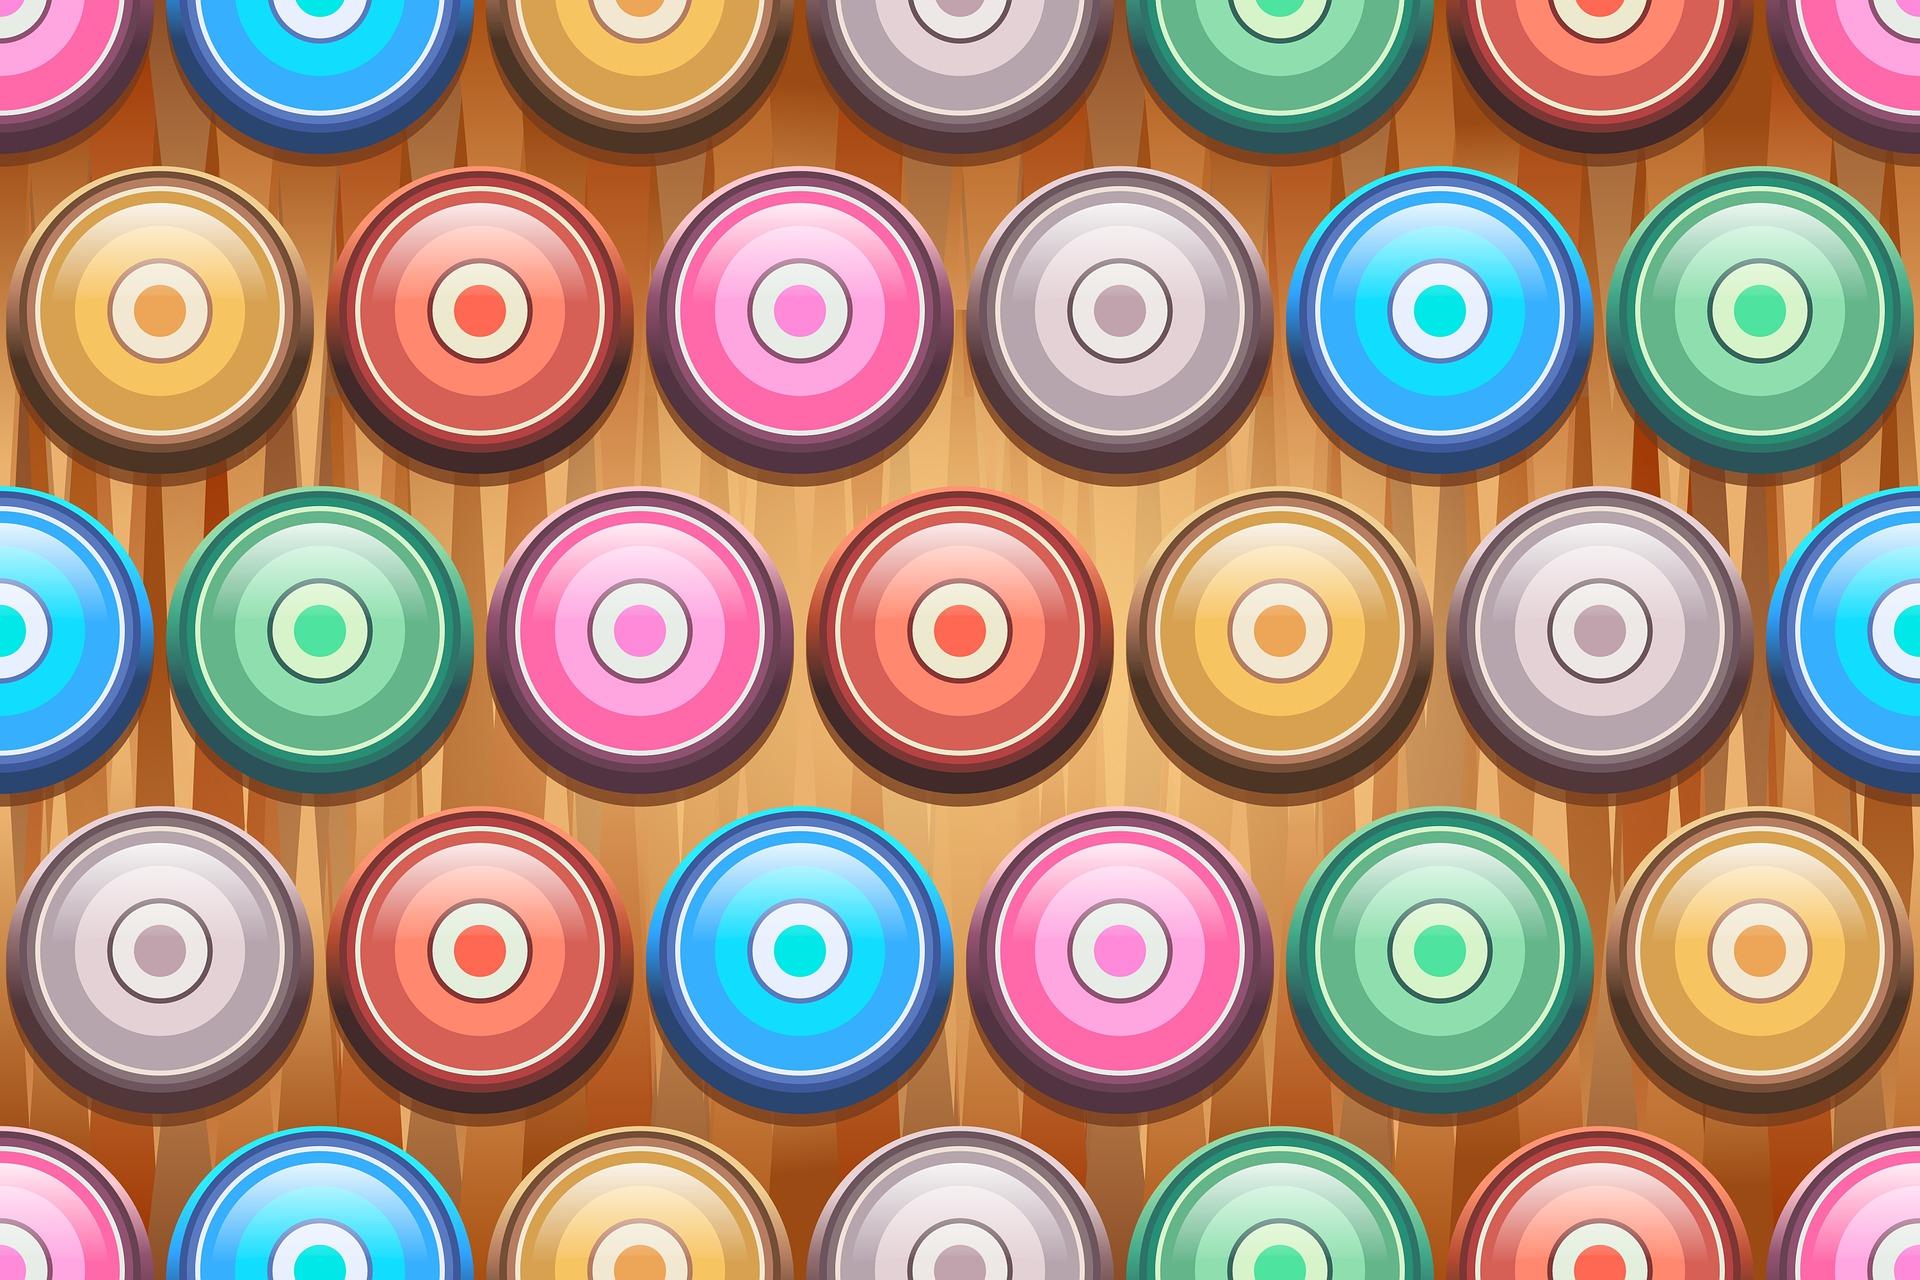 डिस्क, हलकों, रंग, गाढ़ा, समरूपता - HD वॉलपेपर - प्रोफेसर-falken.com